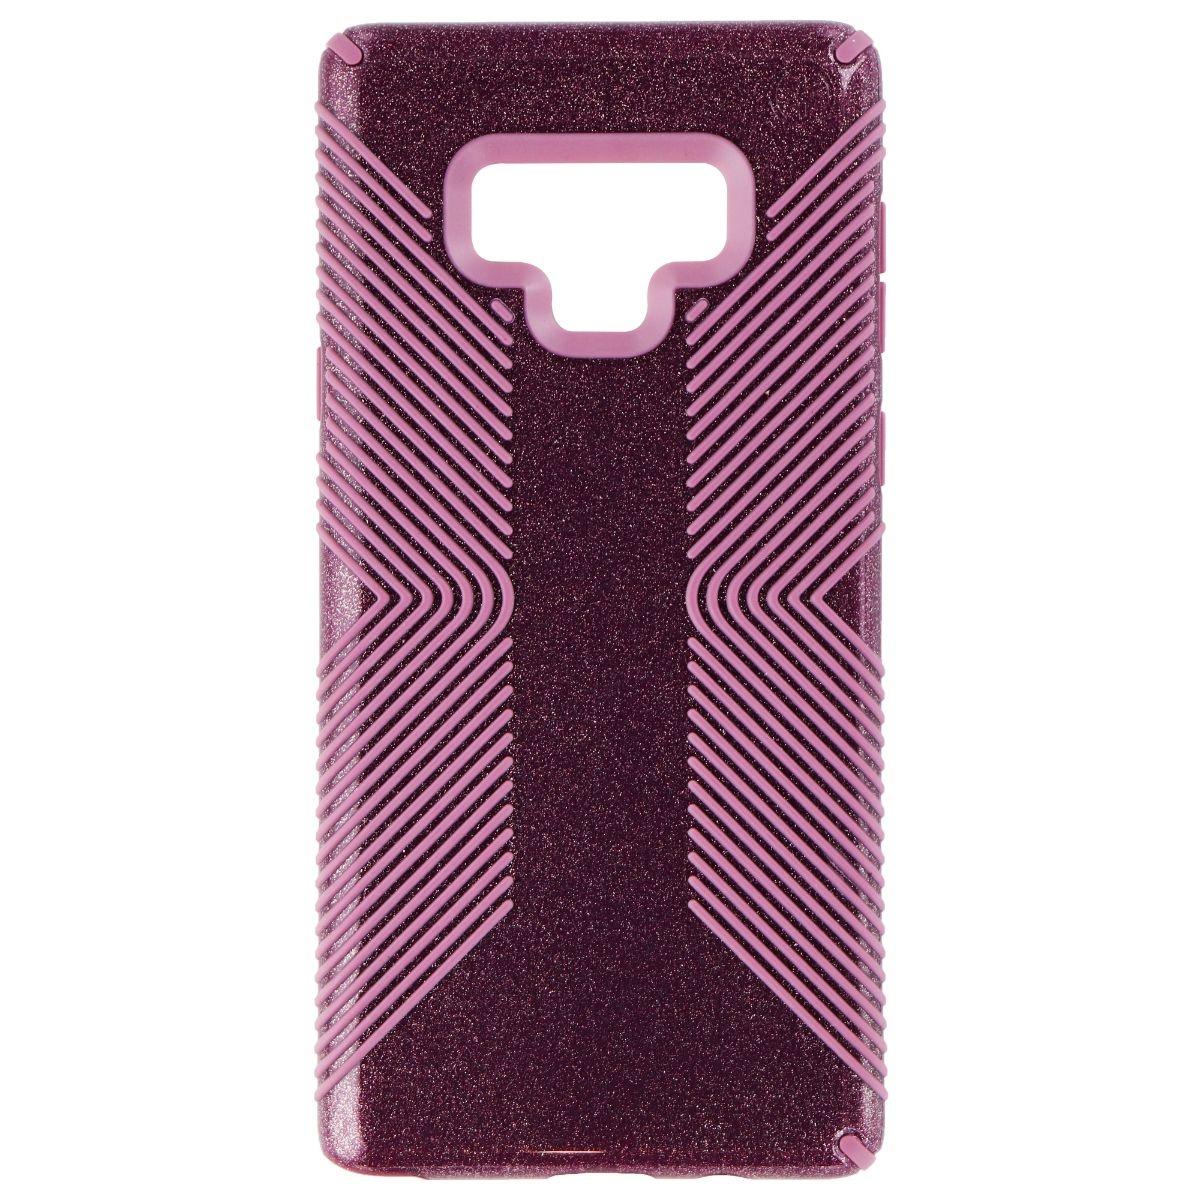 Speck  Presidio Grip + Glitter Case for Samsung Galaxy Note9 - Starlit Purple